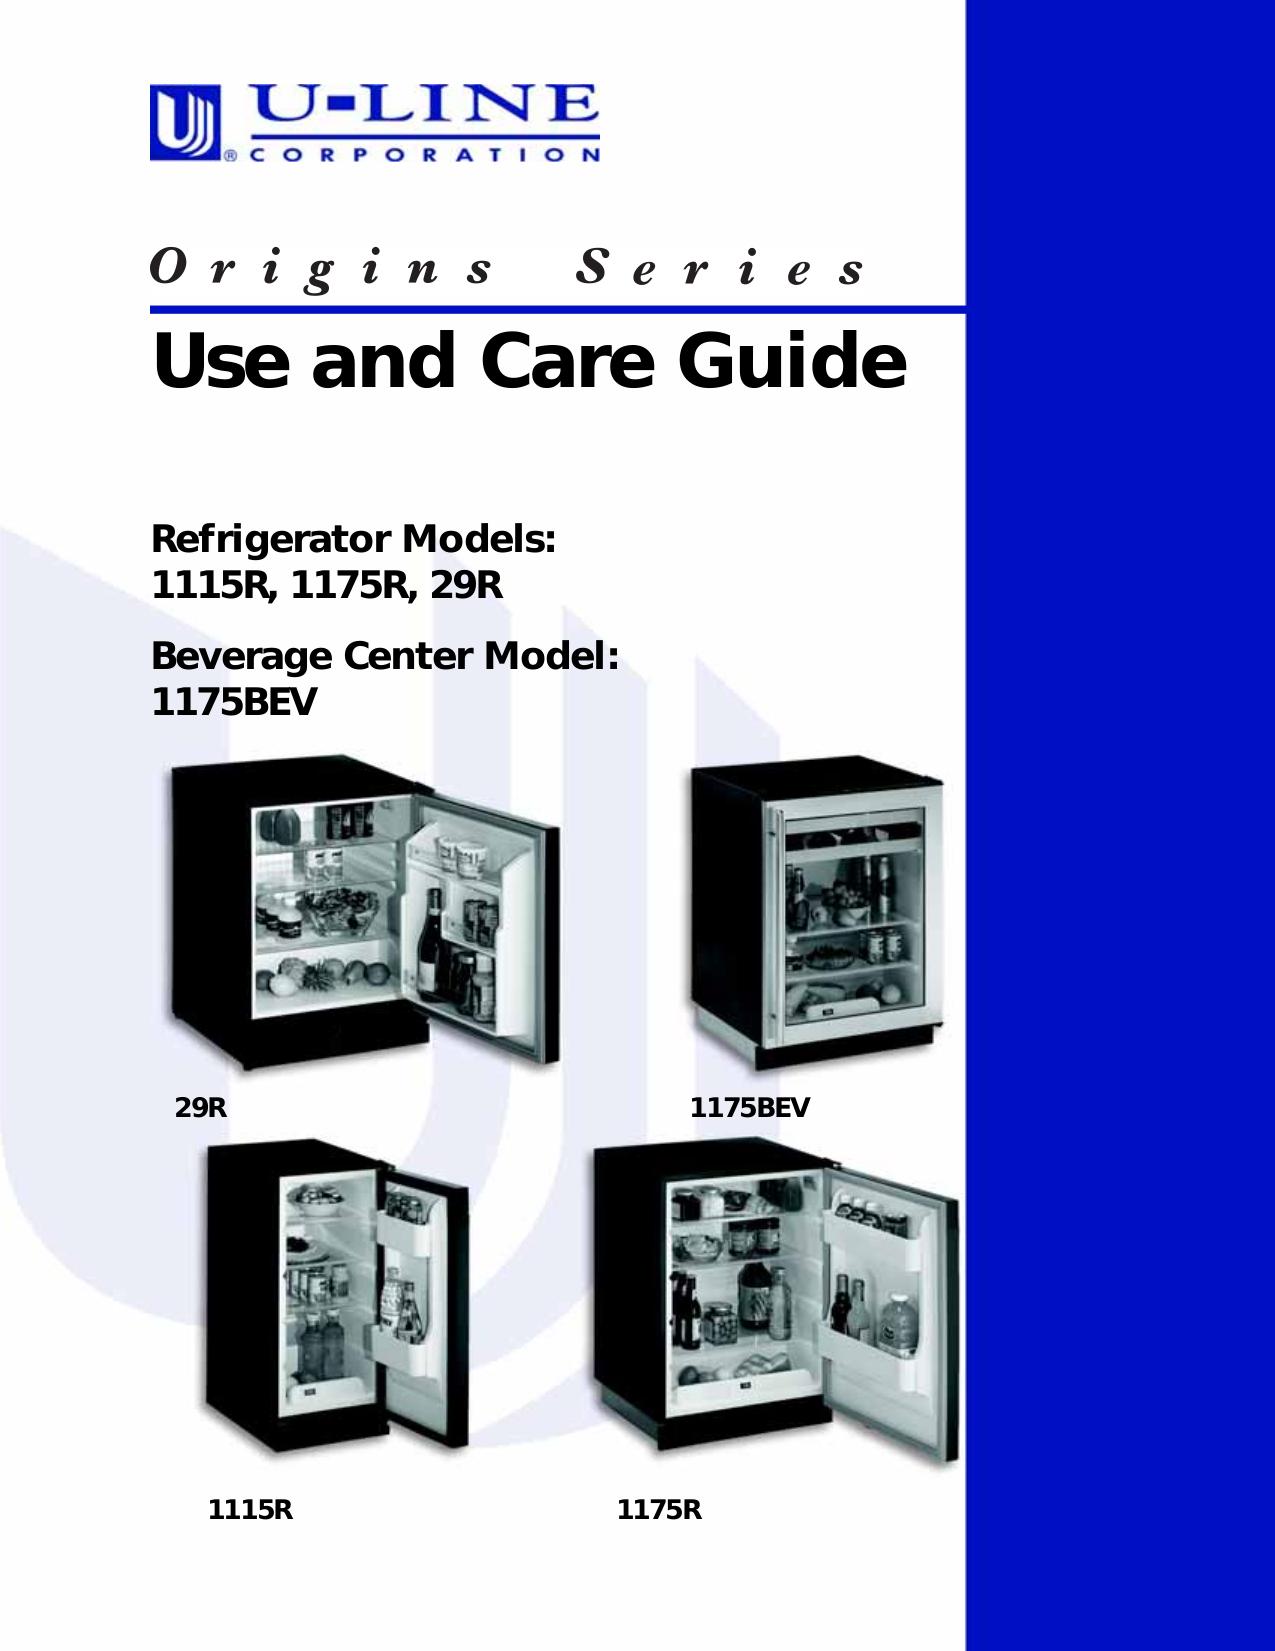 download free pdf for u line origins 1115r refrigerator manual rh umlib com u-line refrigerator parts list u-line refrigerator parts list